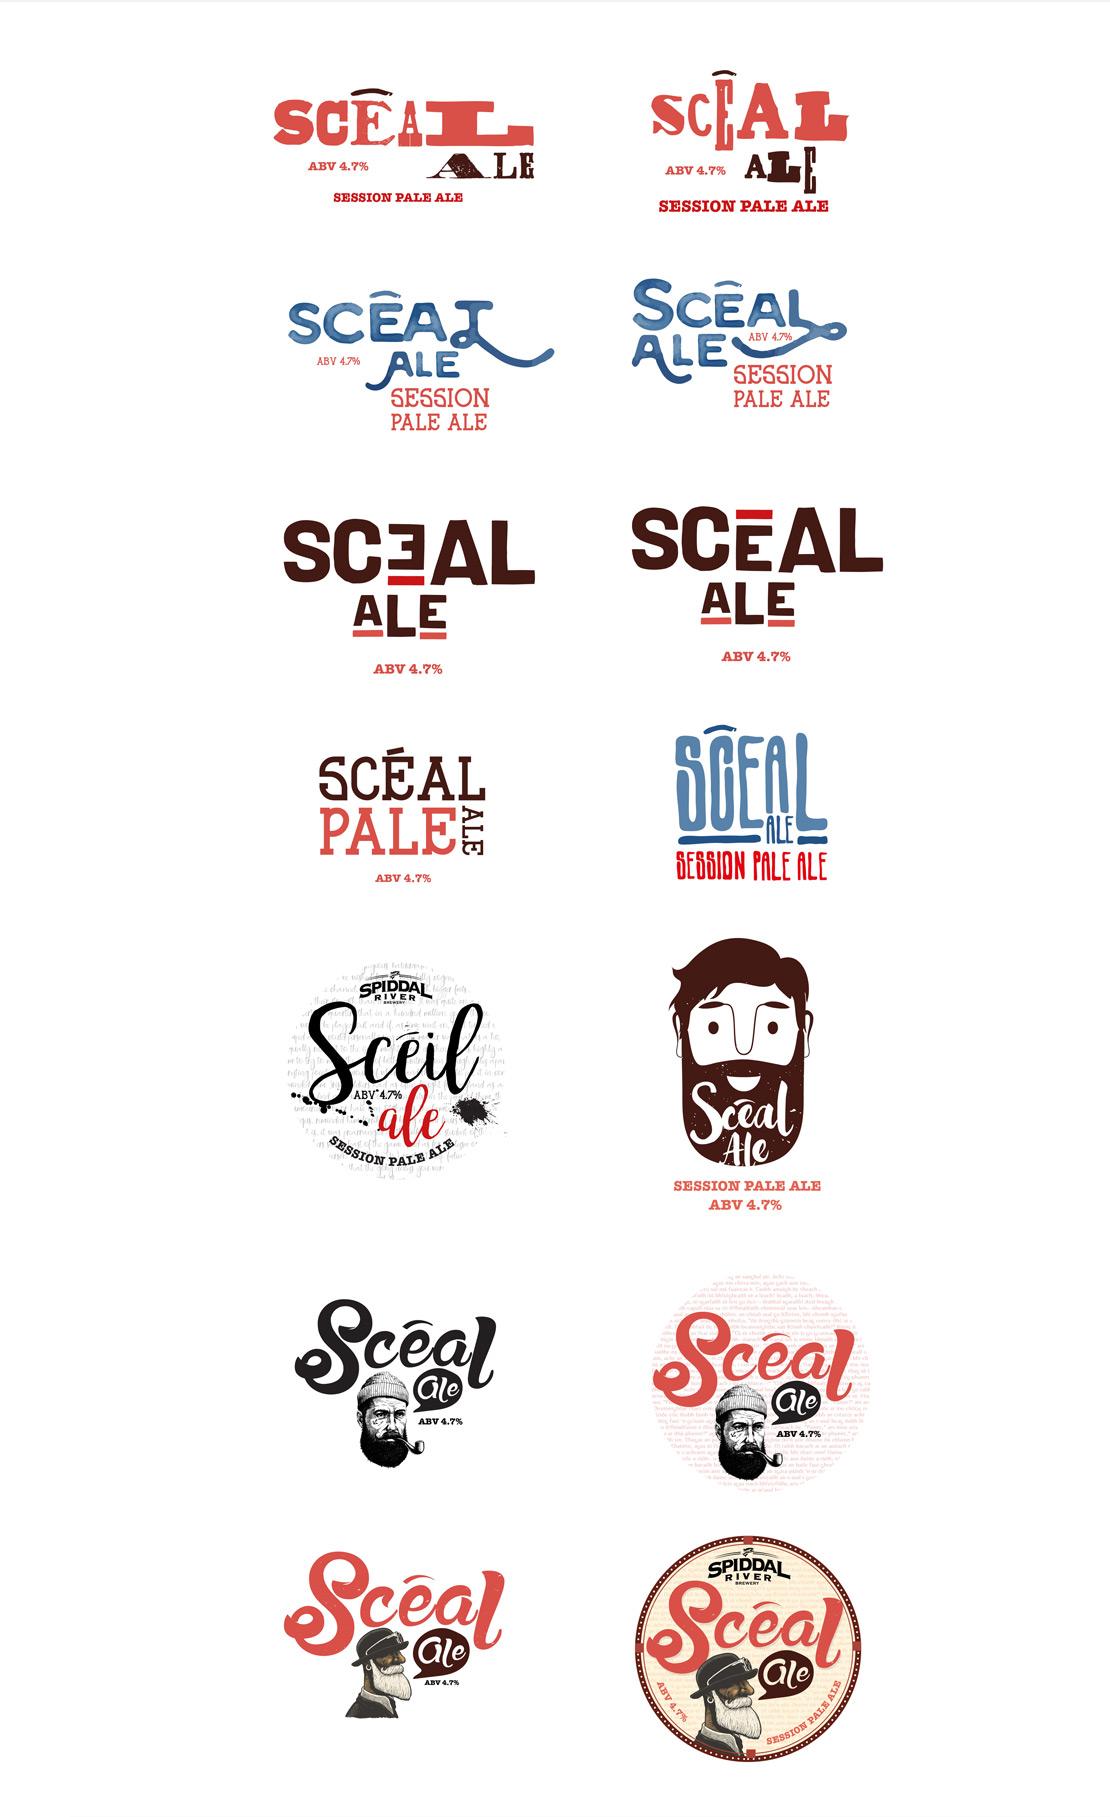 Scéal Ale concept logos